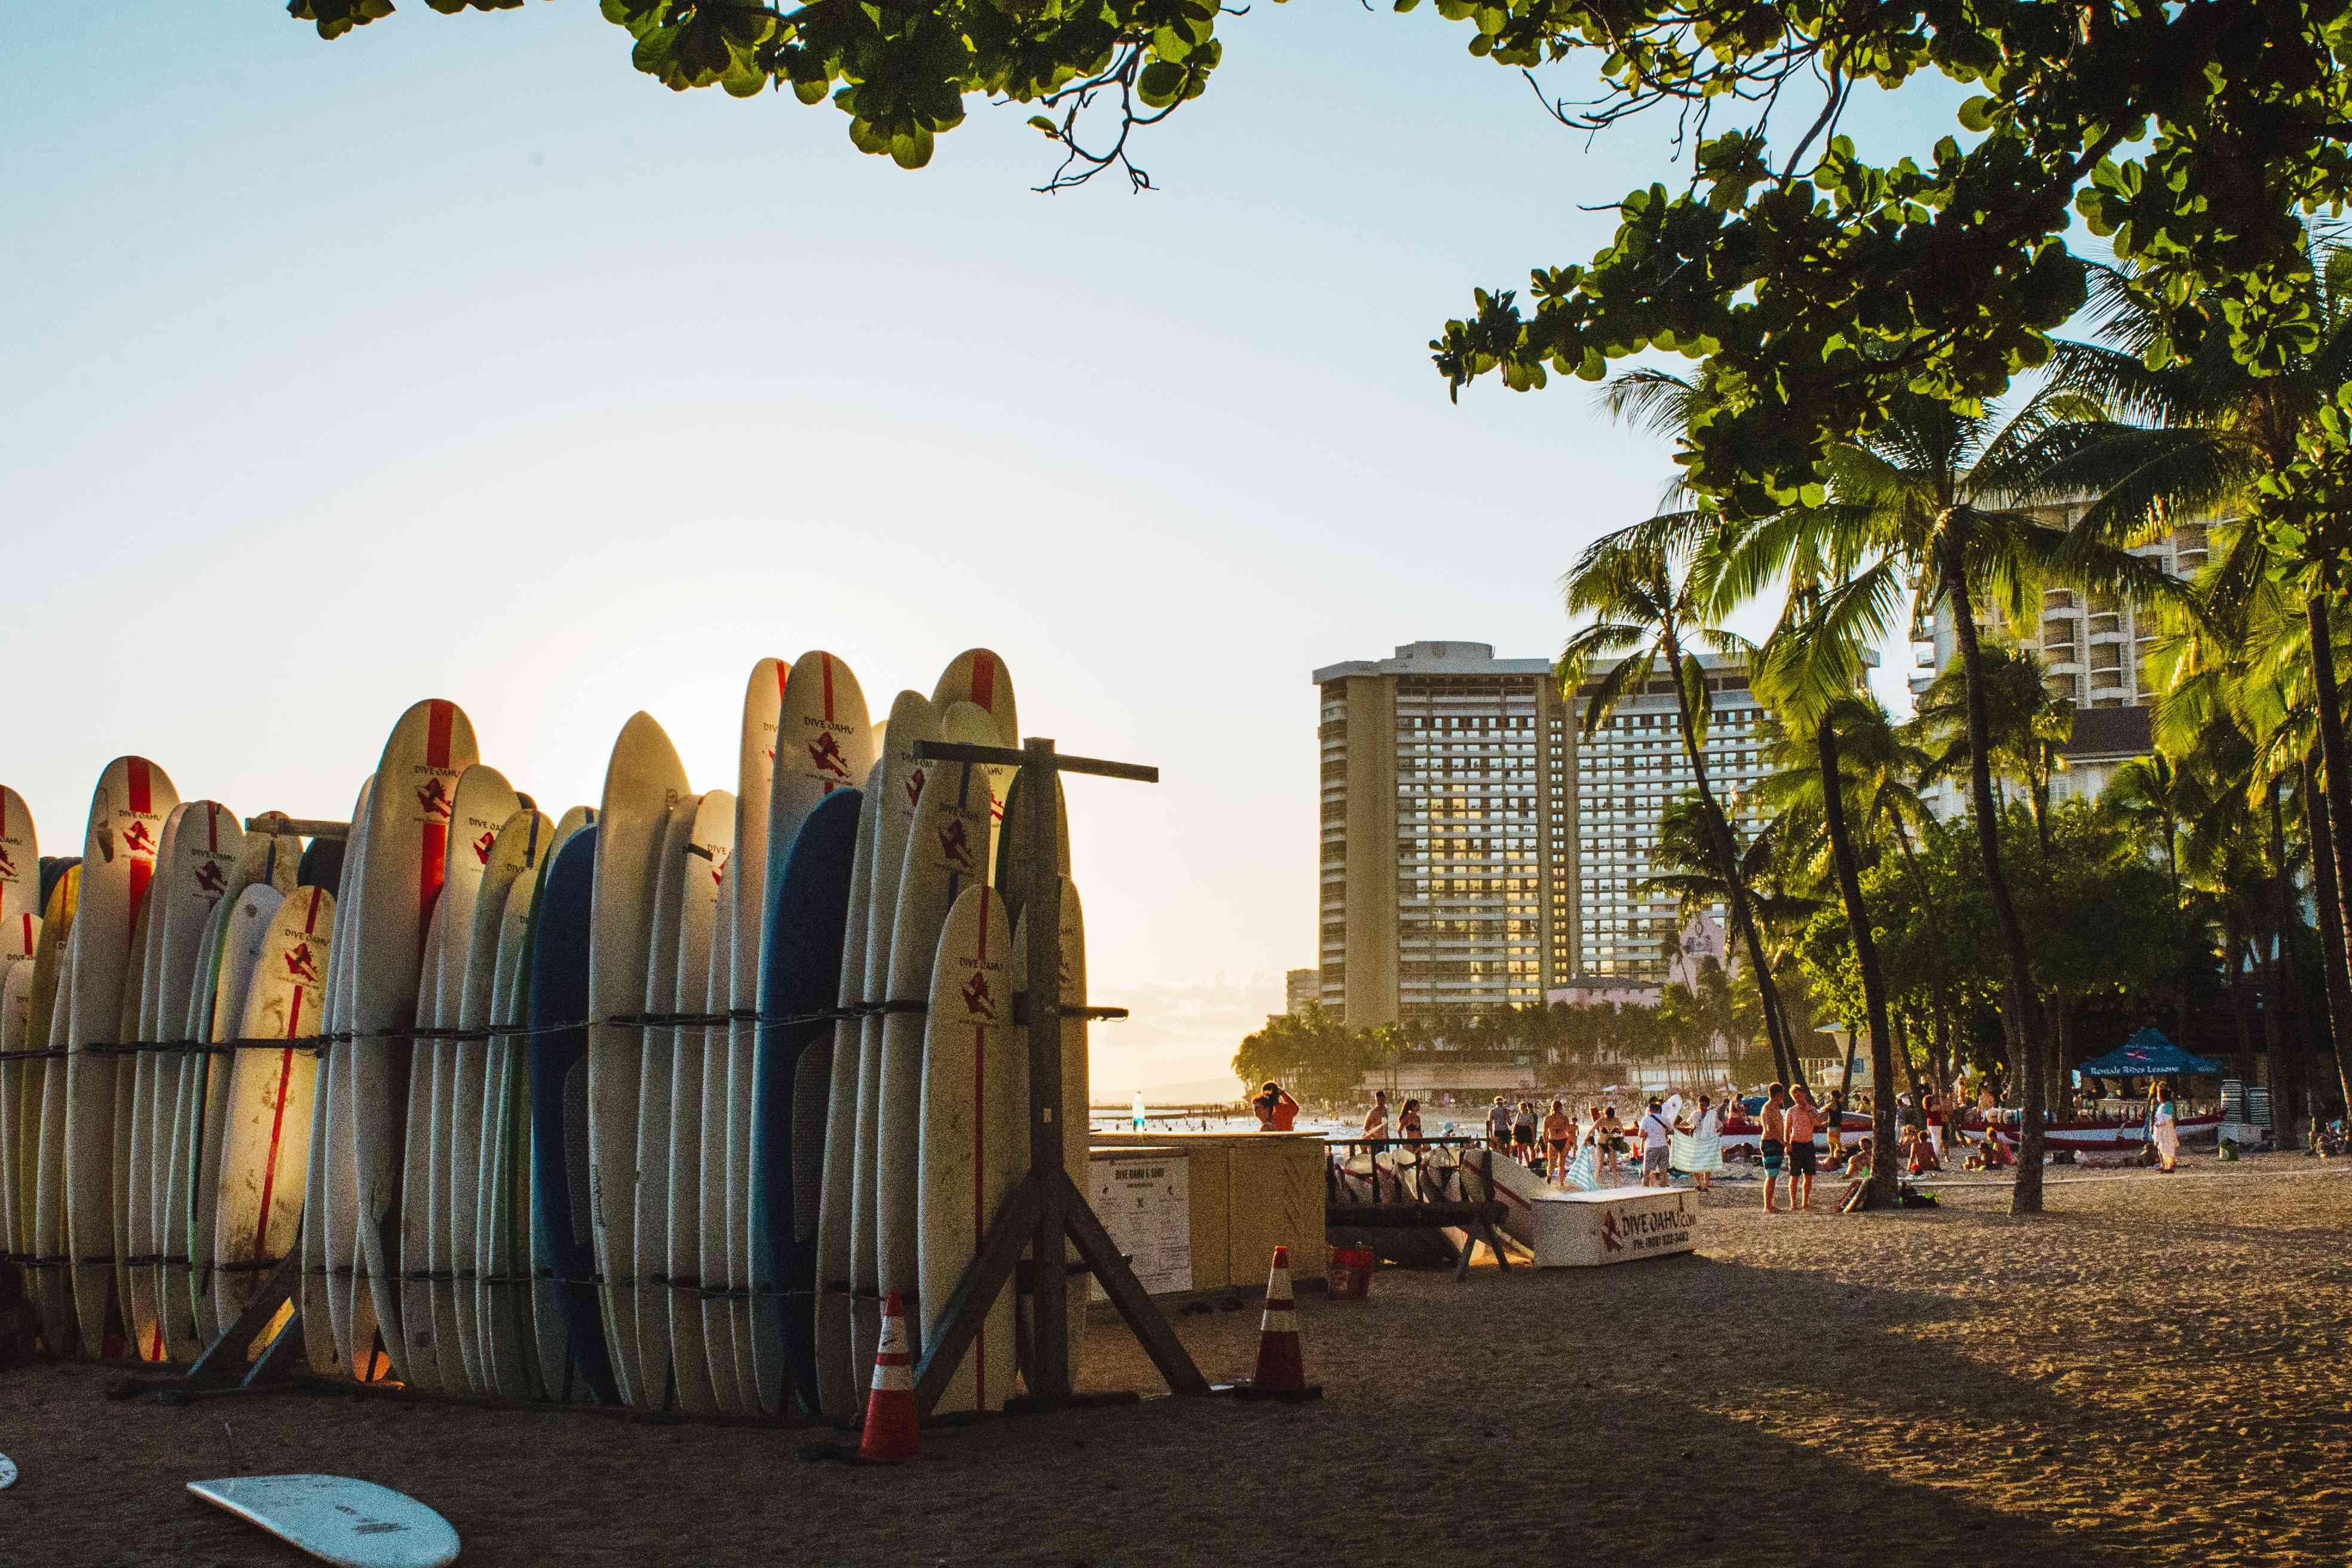 Surfboards on Waikiki Beach at sunset